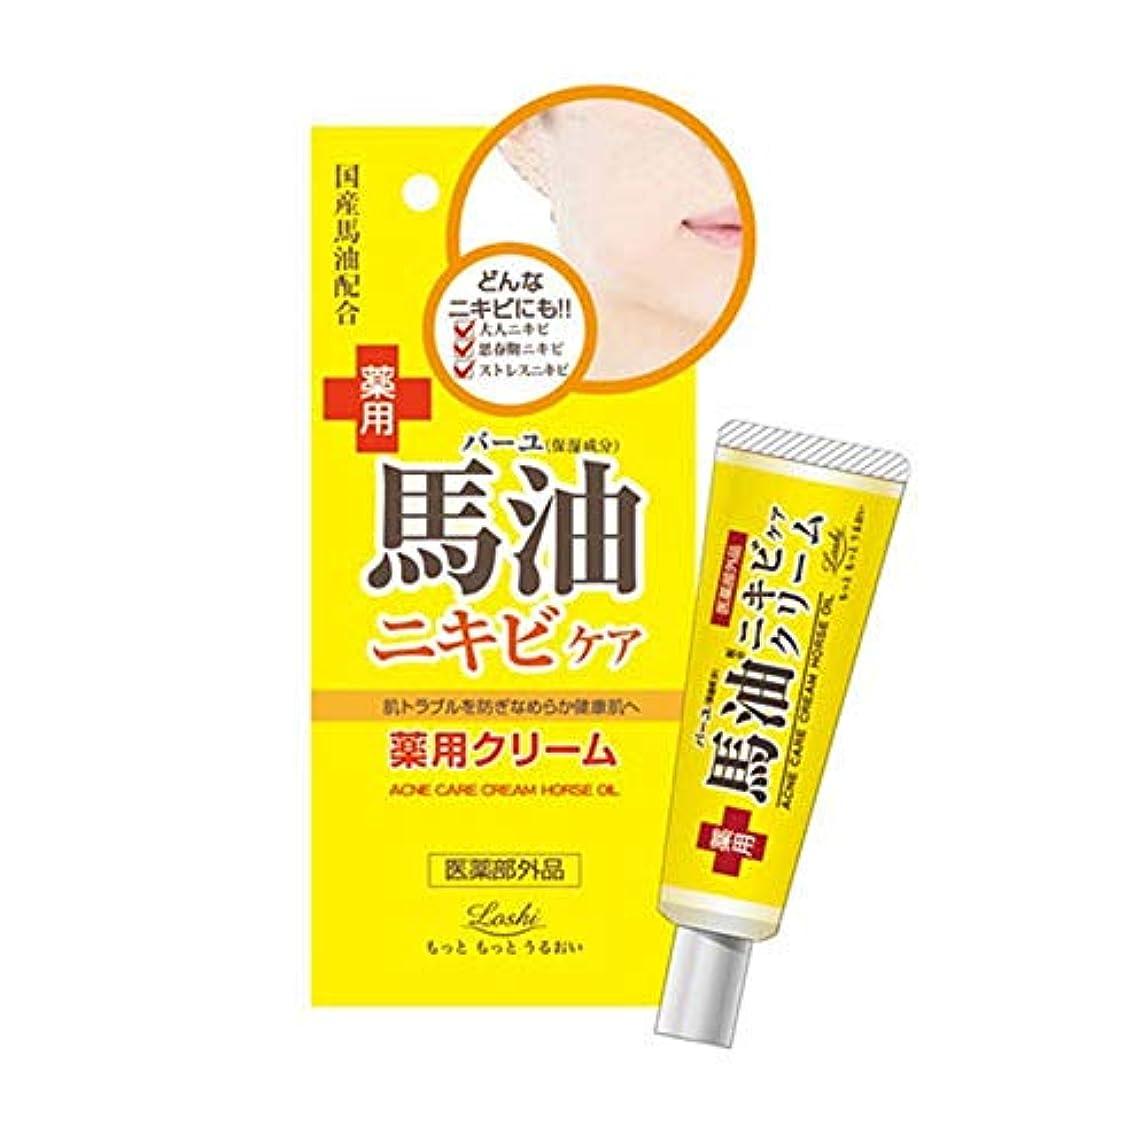 修理可能掻く強打ロッシモイストエイド 薬用ケアクリーム 馬油 20g